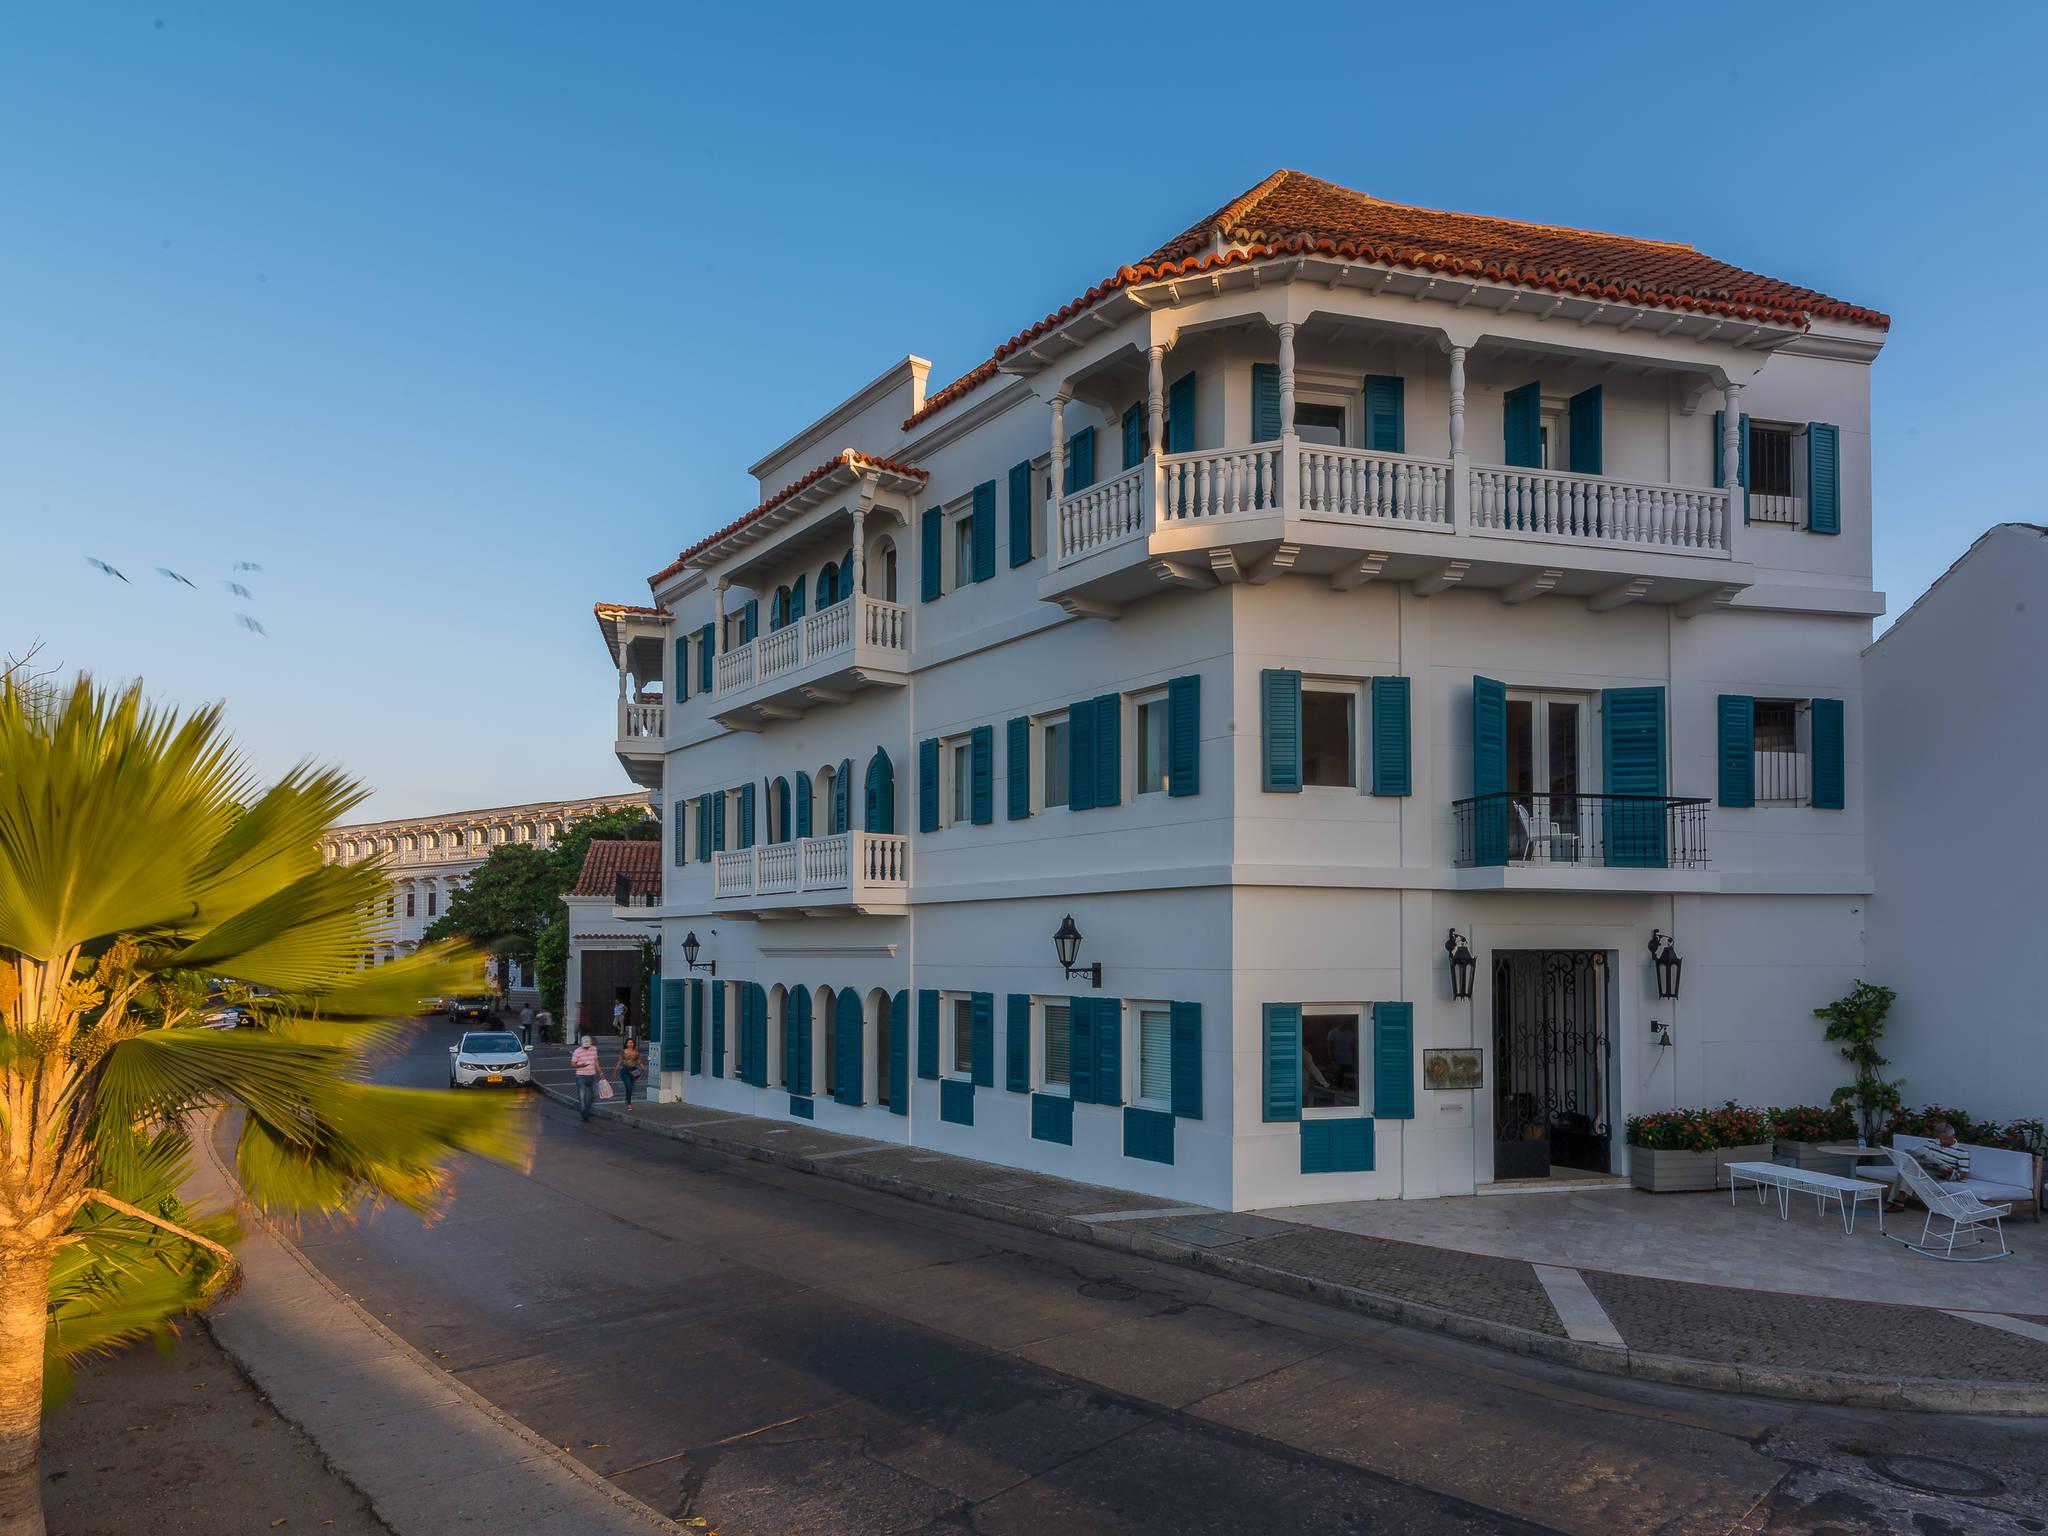 Отель — Бутик-отель Bovedas De Santa Clara